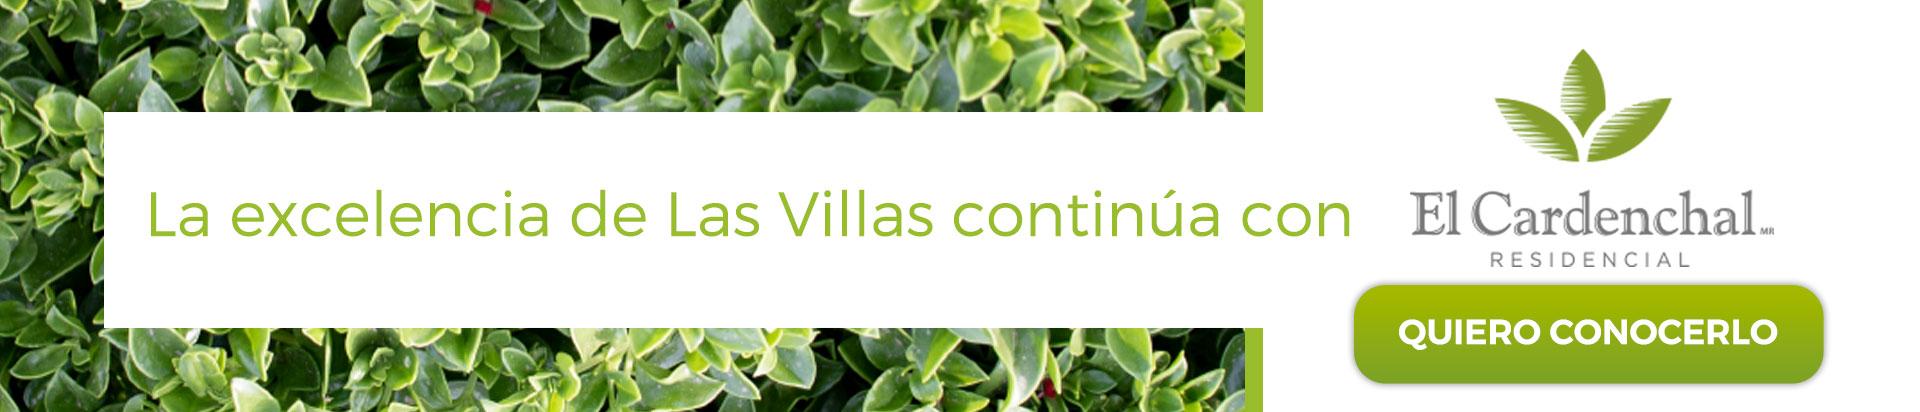 las-villas-el-cardenchal-banner-continua